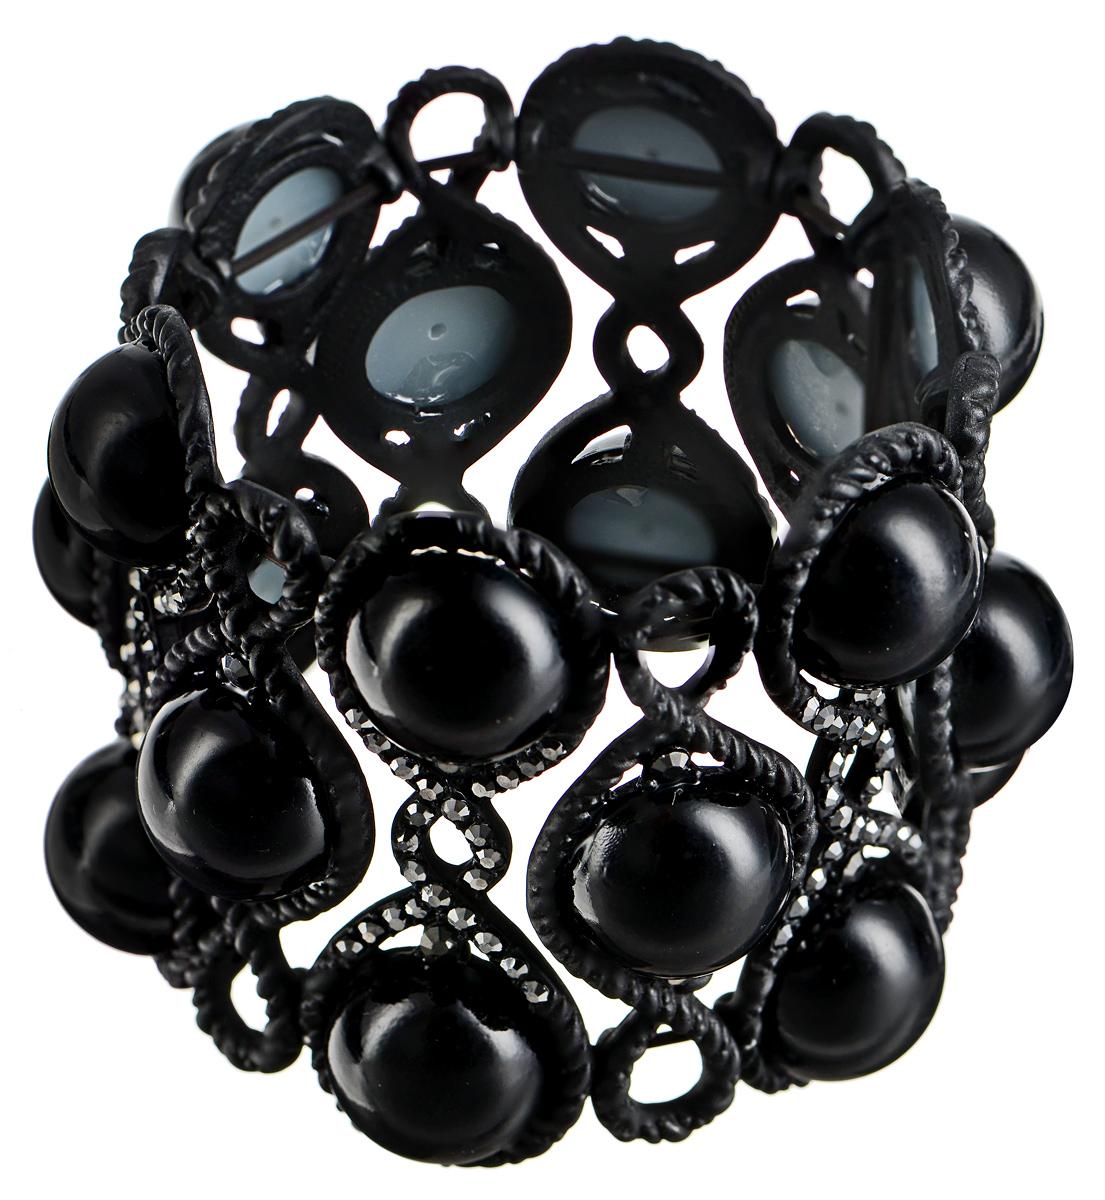 Браслет Taya, цвет: черный. T-B-7417T-B-7417-BRAC-BLACKСтильный браслет Taya выполнен из бижутерийного сплава. Элементы оригинальной формы оформлены вставками из полубусин и сияющих стразов. Благодаря эластичной основе и подвижным элементам изделие идеально разместиться на запястье. Такой браслет позволит вам с легкостью воплотить самую смелую фантазию и создать собственный, неповторимый образ.